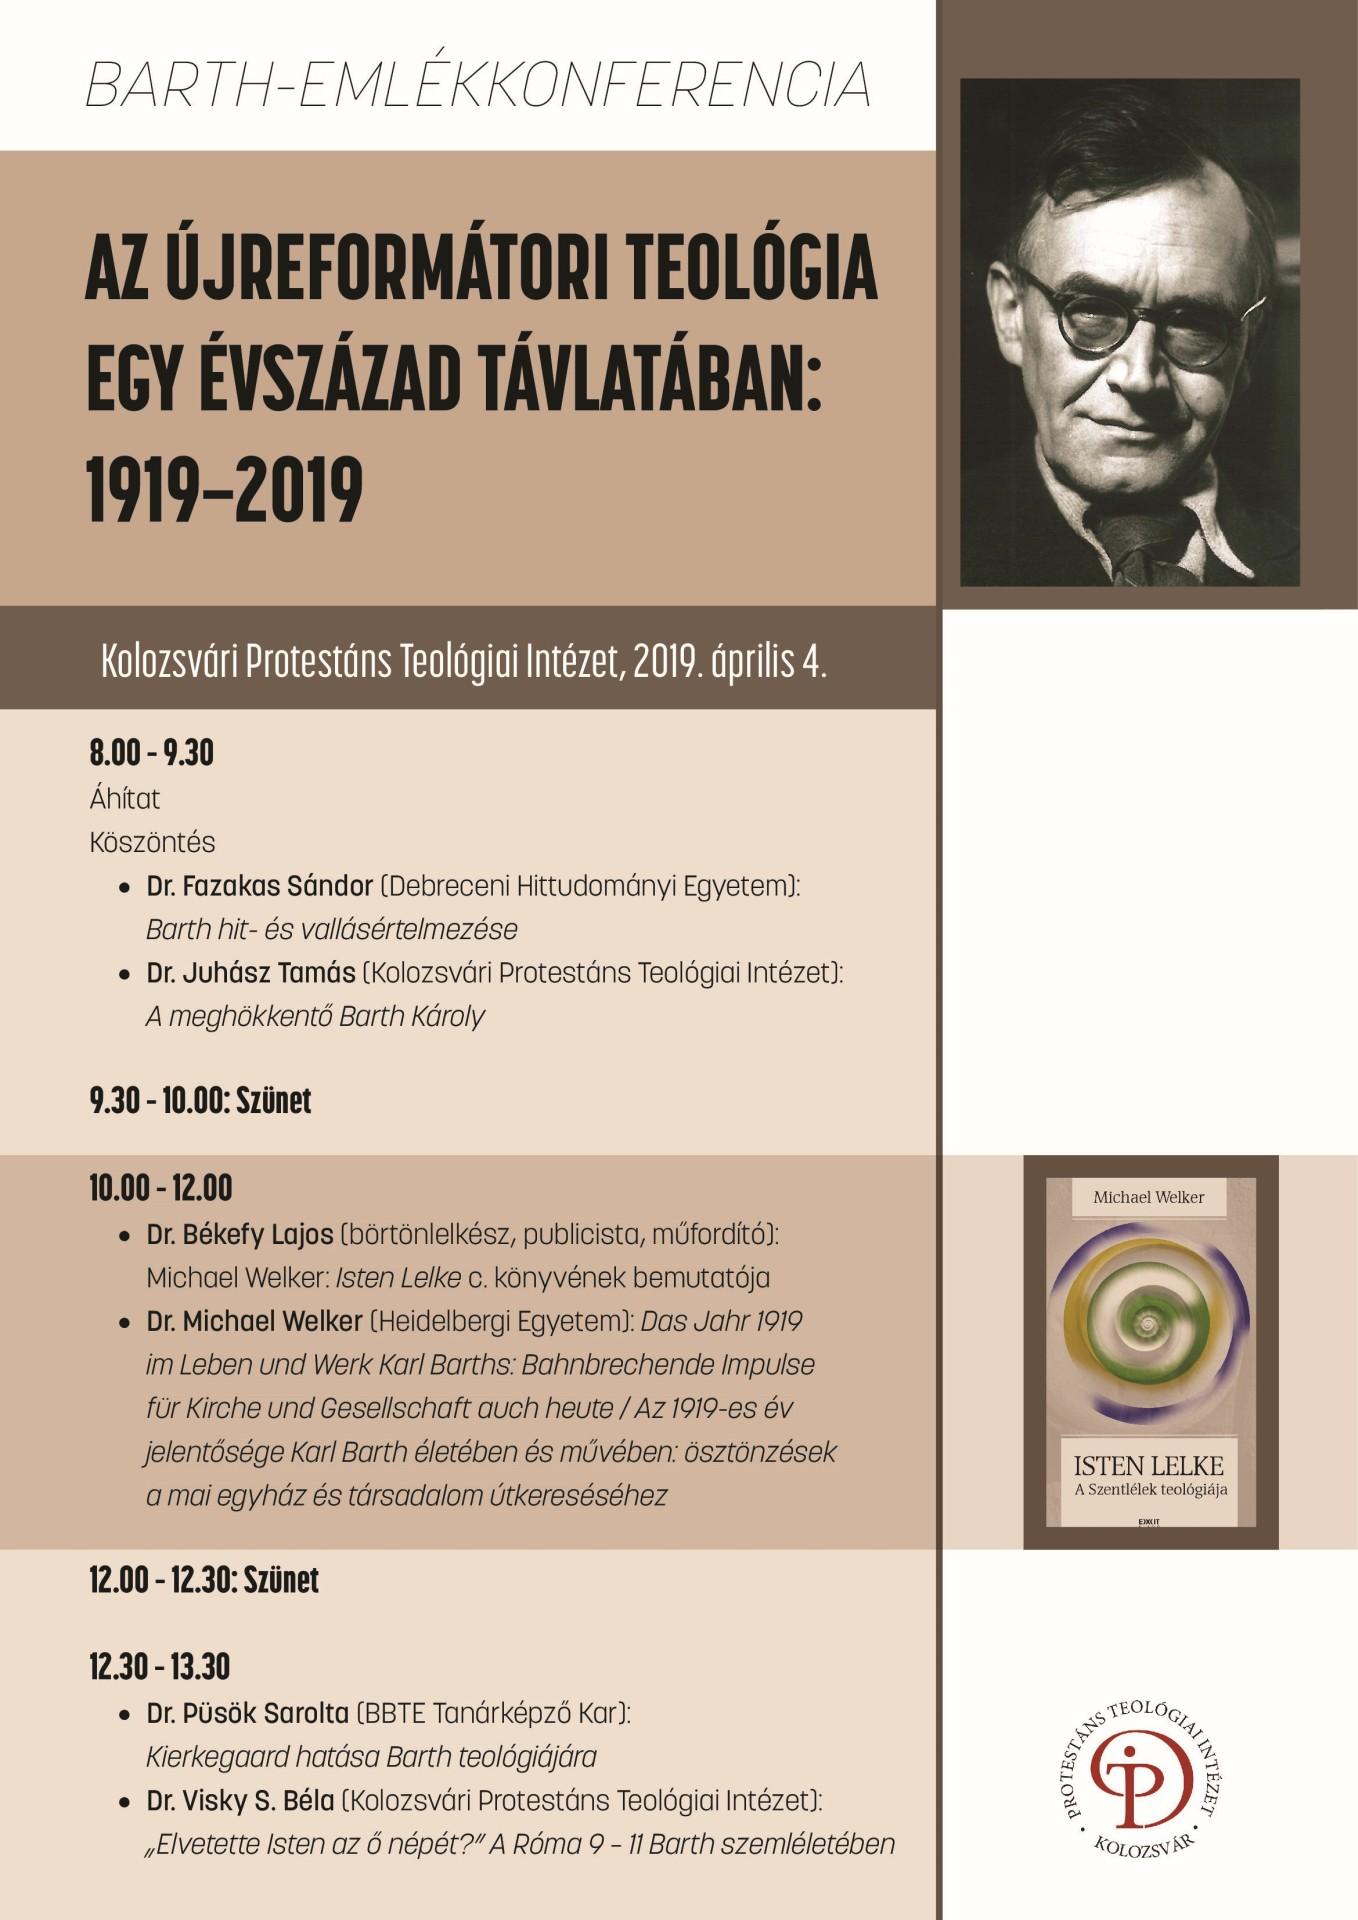 Barth-emlékkonferenciát szerveznek Kolozsváron